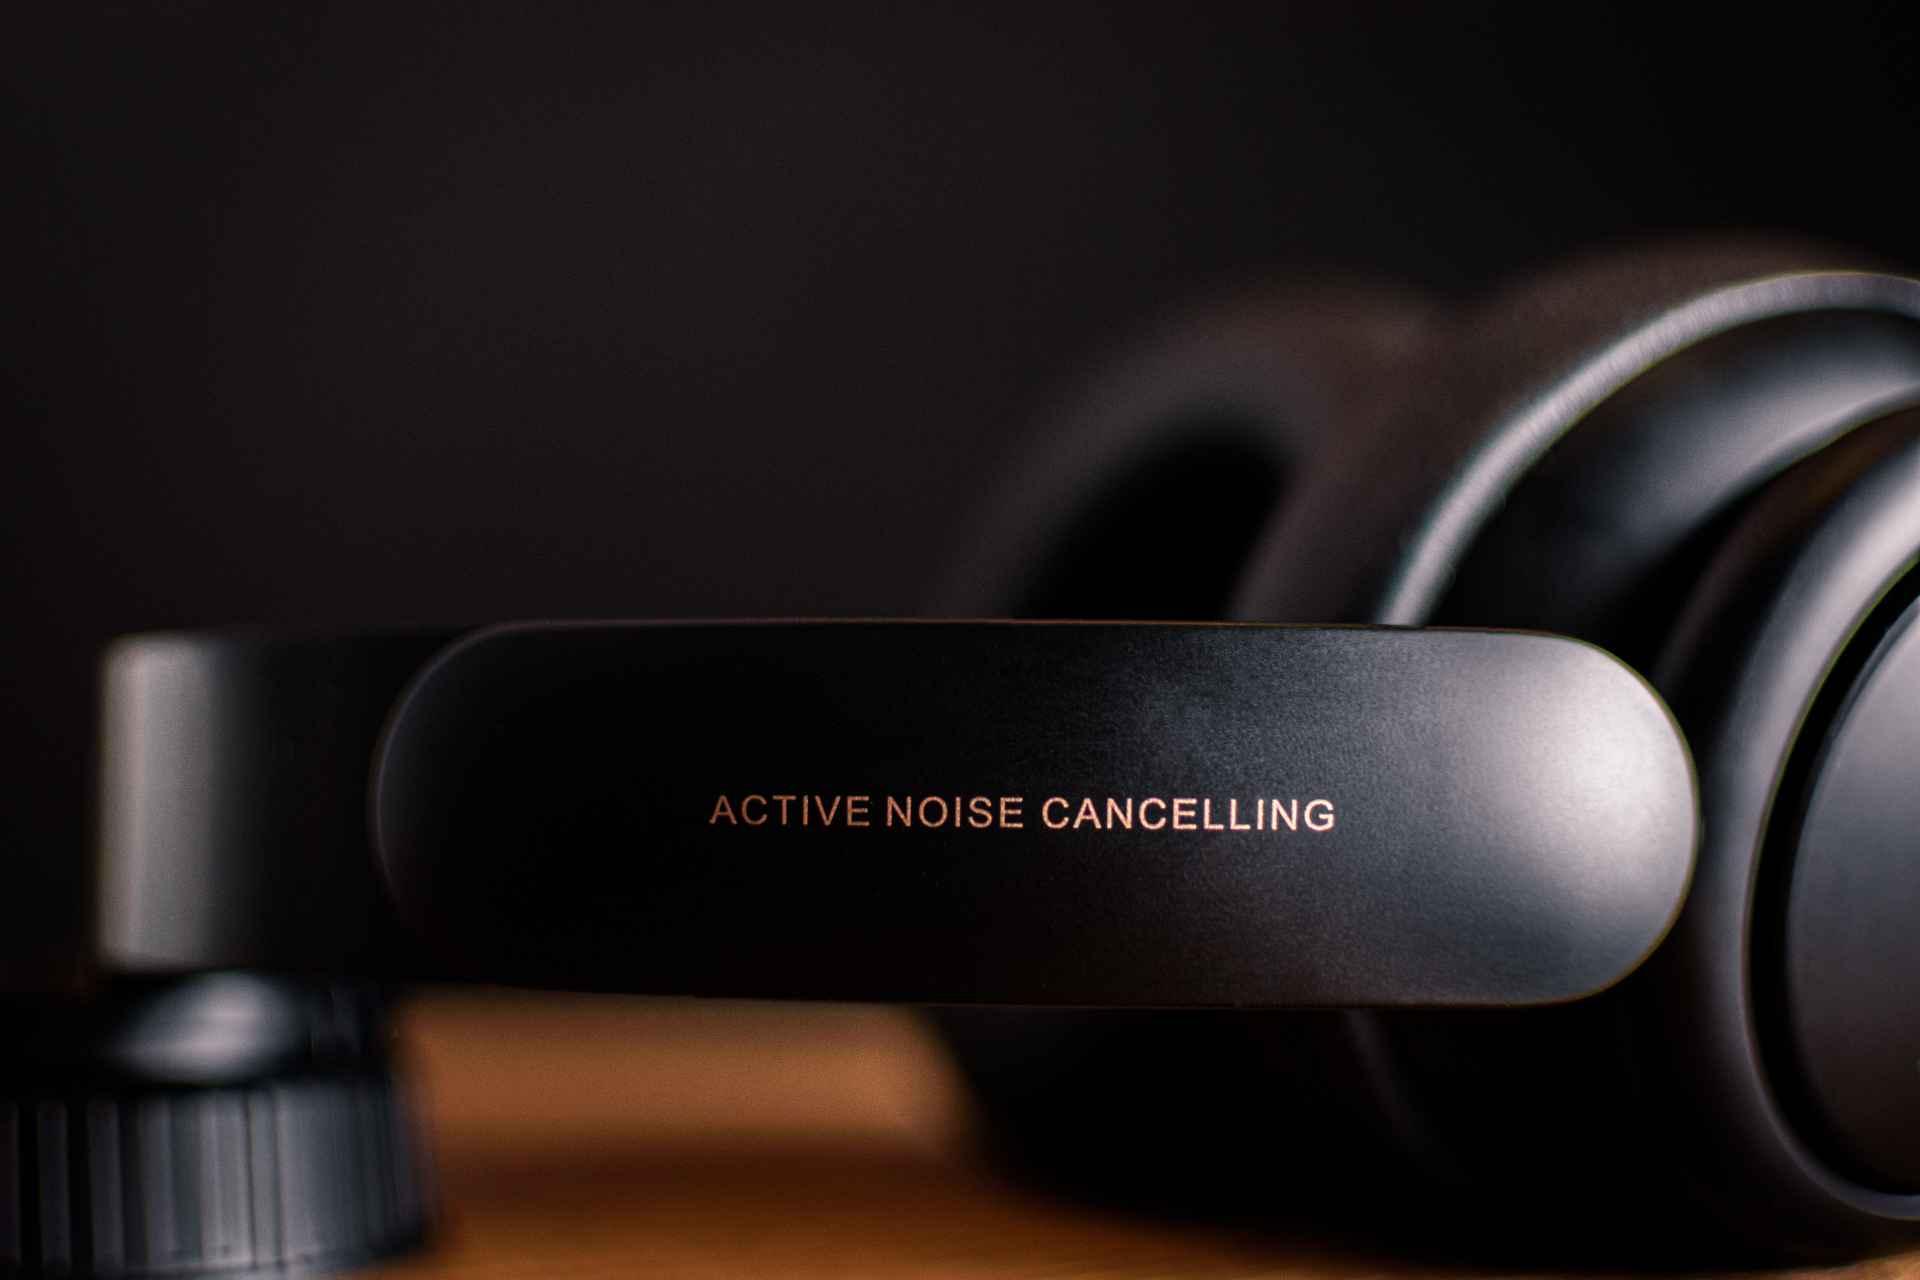 Un casque audio posé sur une table